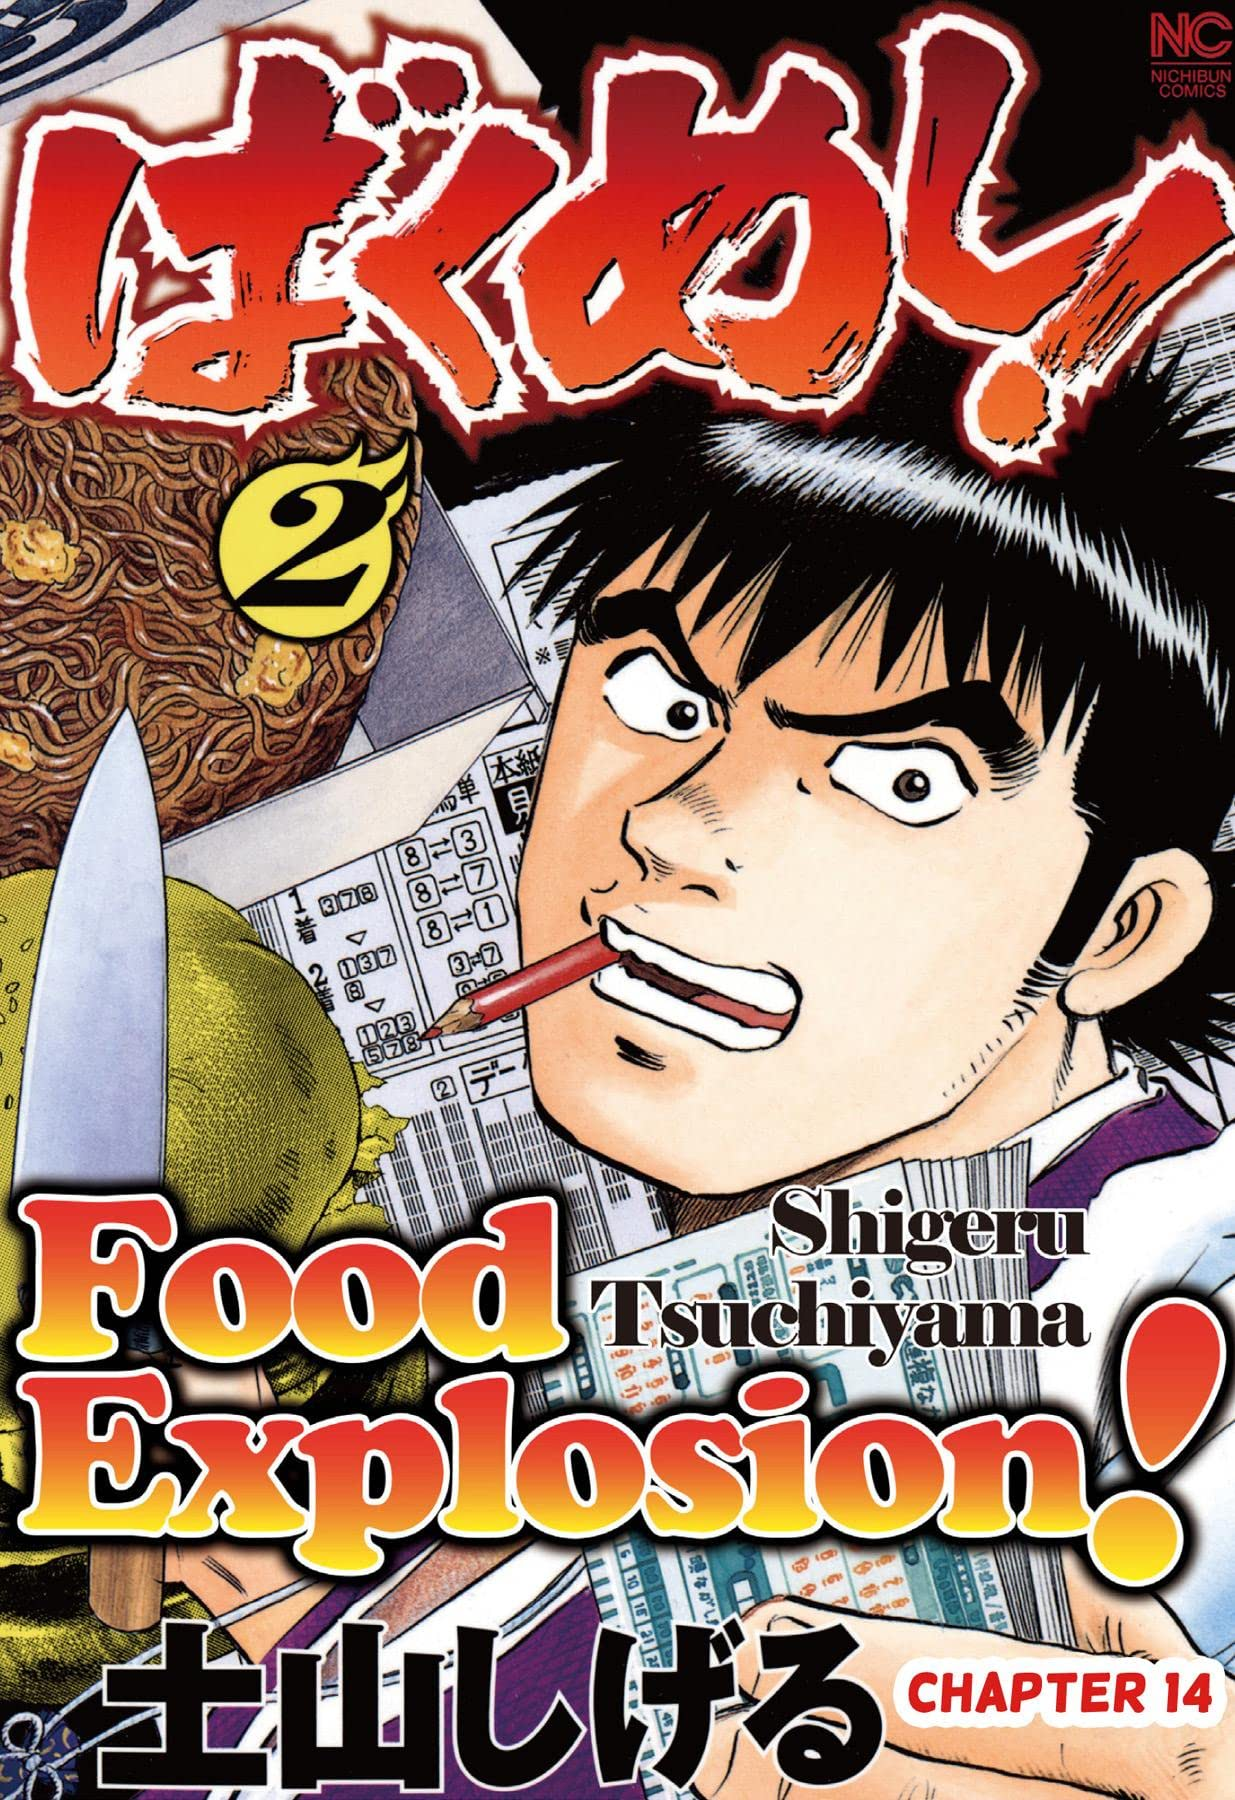 FOOD EXPLOSION #14